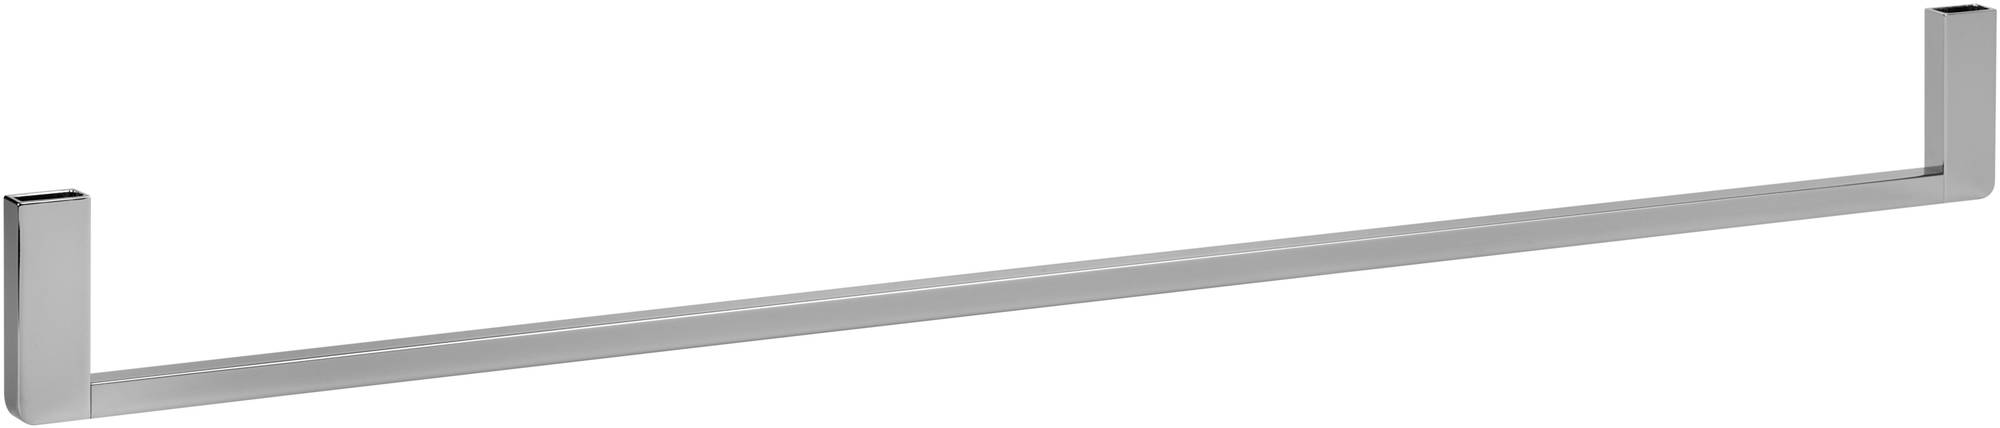 Ben Handdoekhouder voor wastafel 80cm Chroom